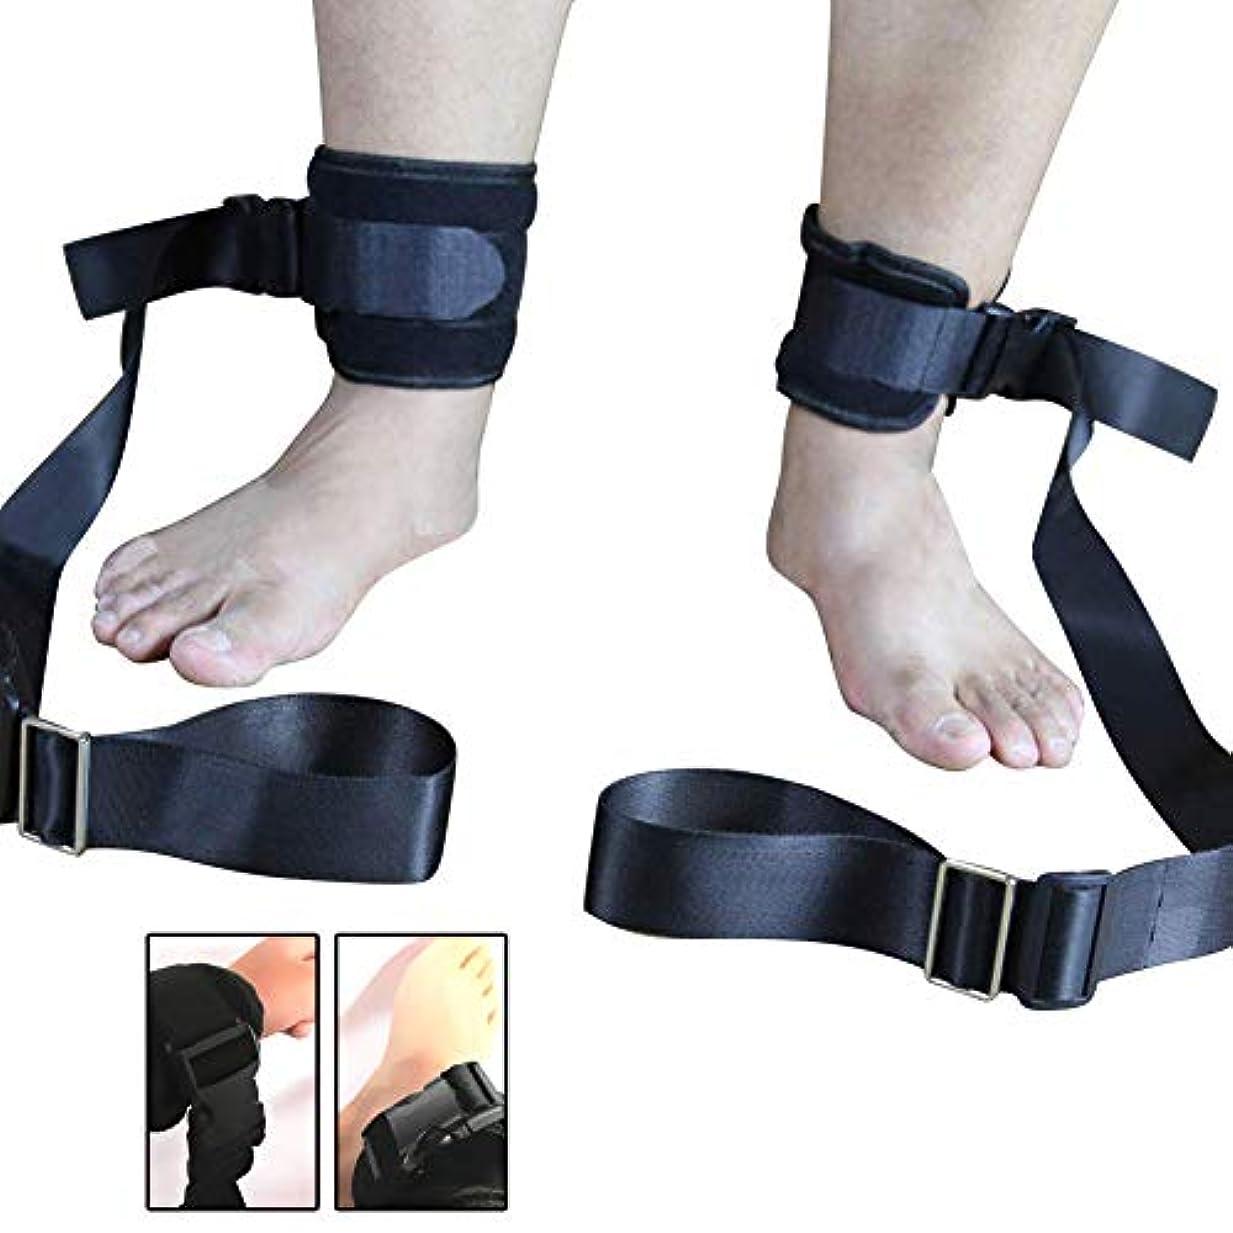 を除くねばねば範囲手や足のための患者の肢ホルダー - クイックリリース肢ホルダー - 高齢者痴呆のための普遍的な制約管理(1ペア)